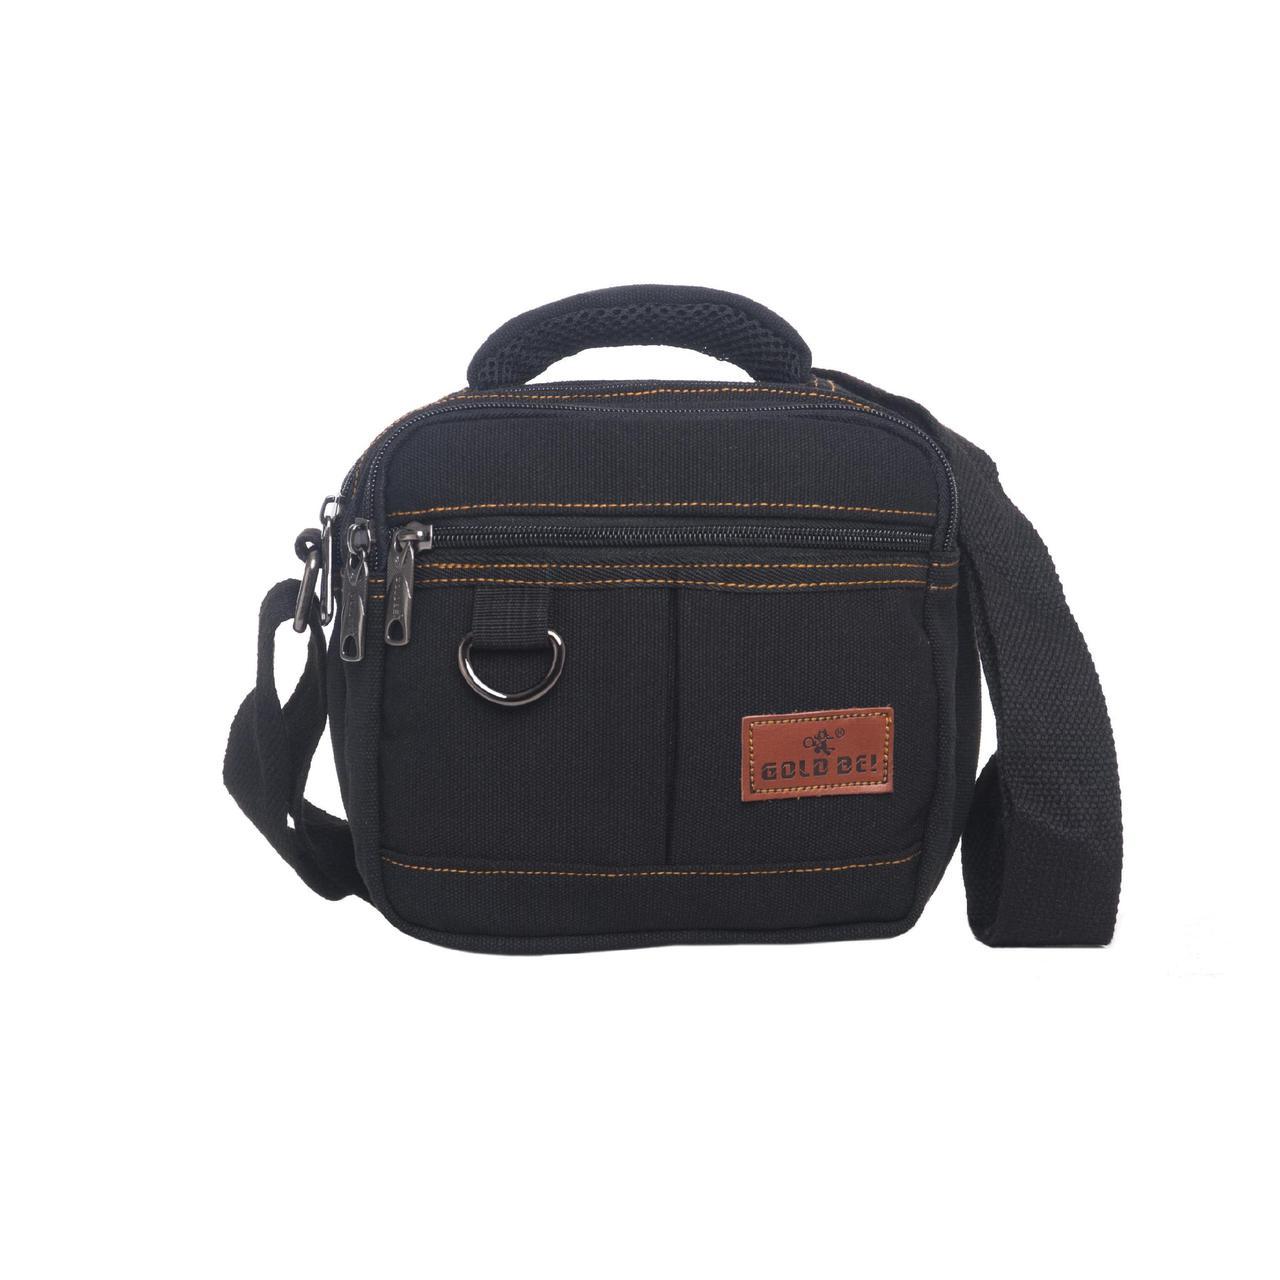 Мужская сумка GOLD BE горизонтальная чёрная 20х19х12 материал брезент ксС555ч